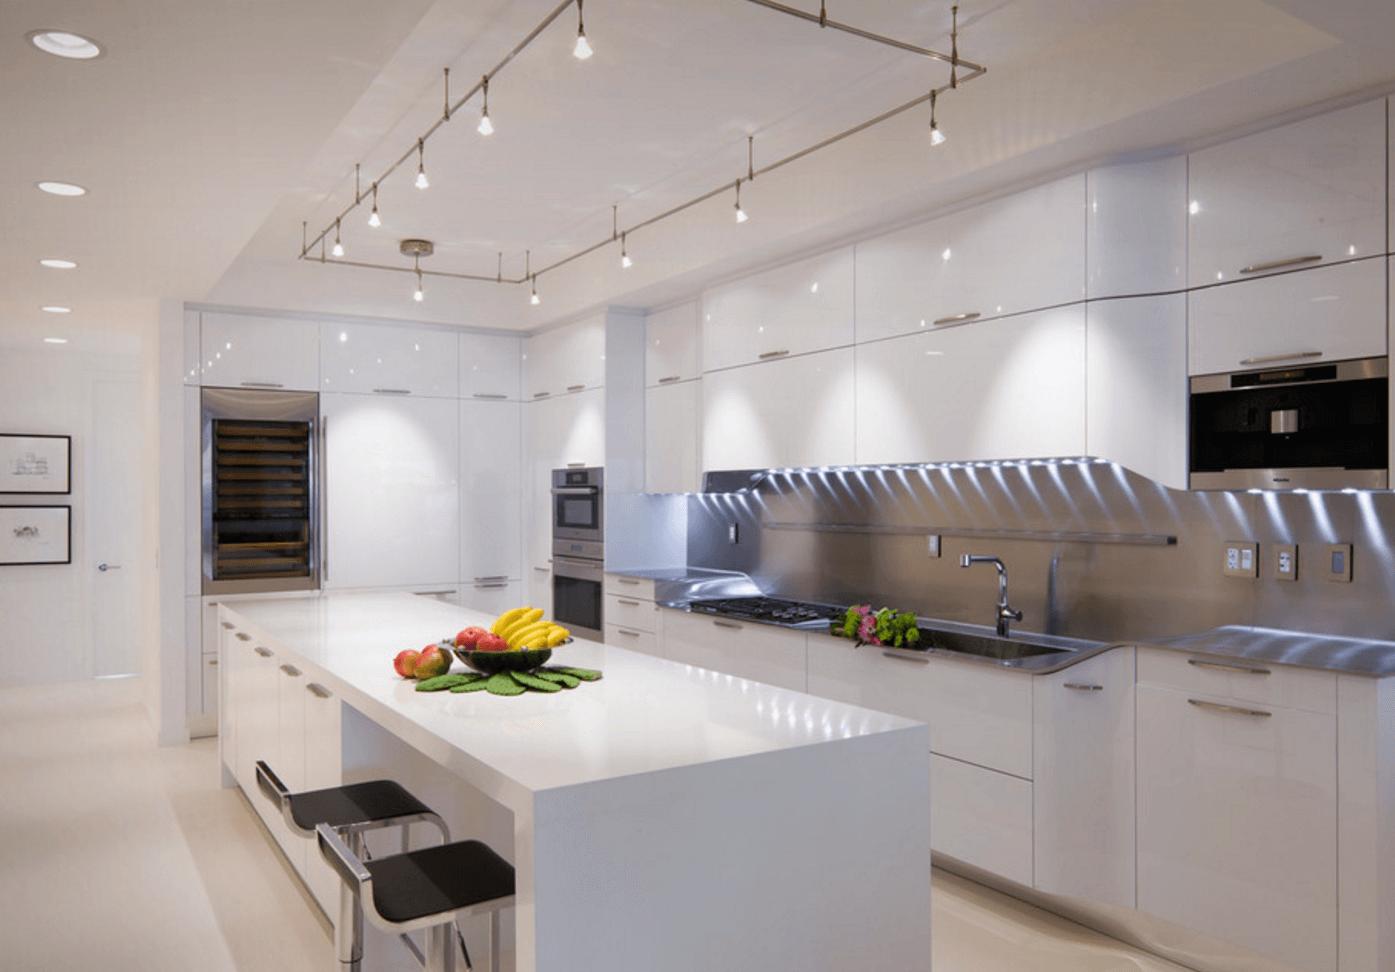 Изменяем освещение кухни: вариант с точечными огнями под фасадом